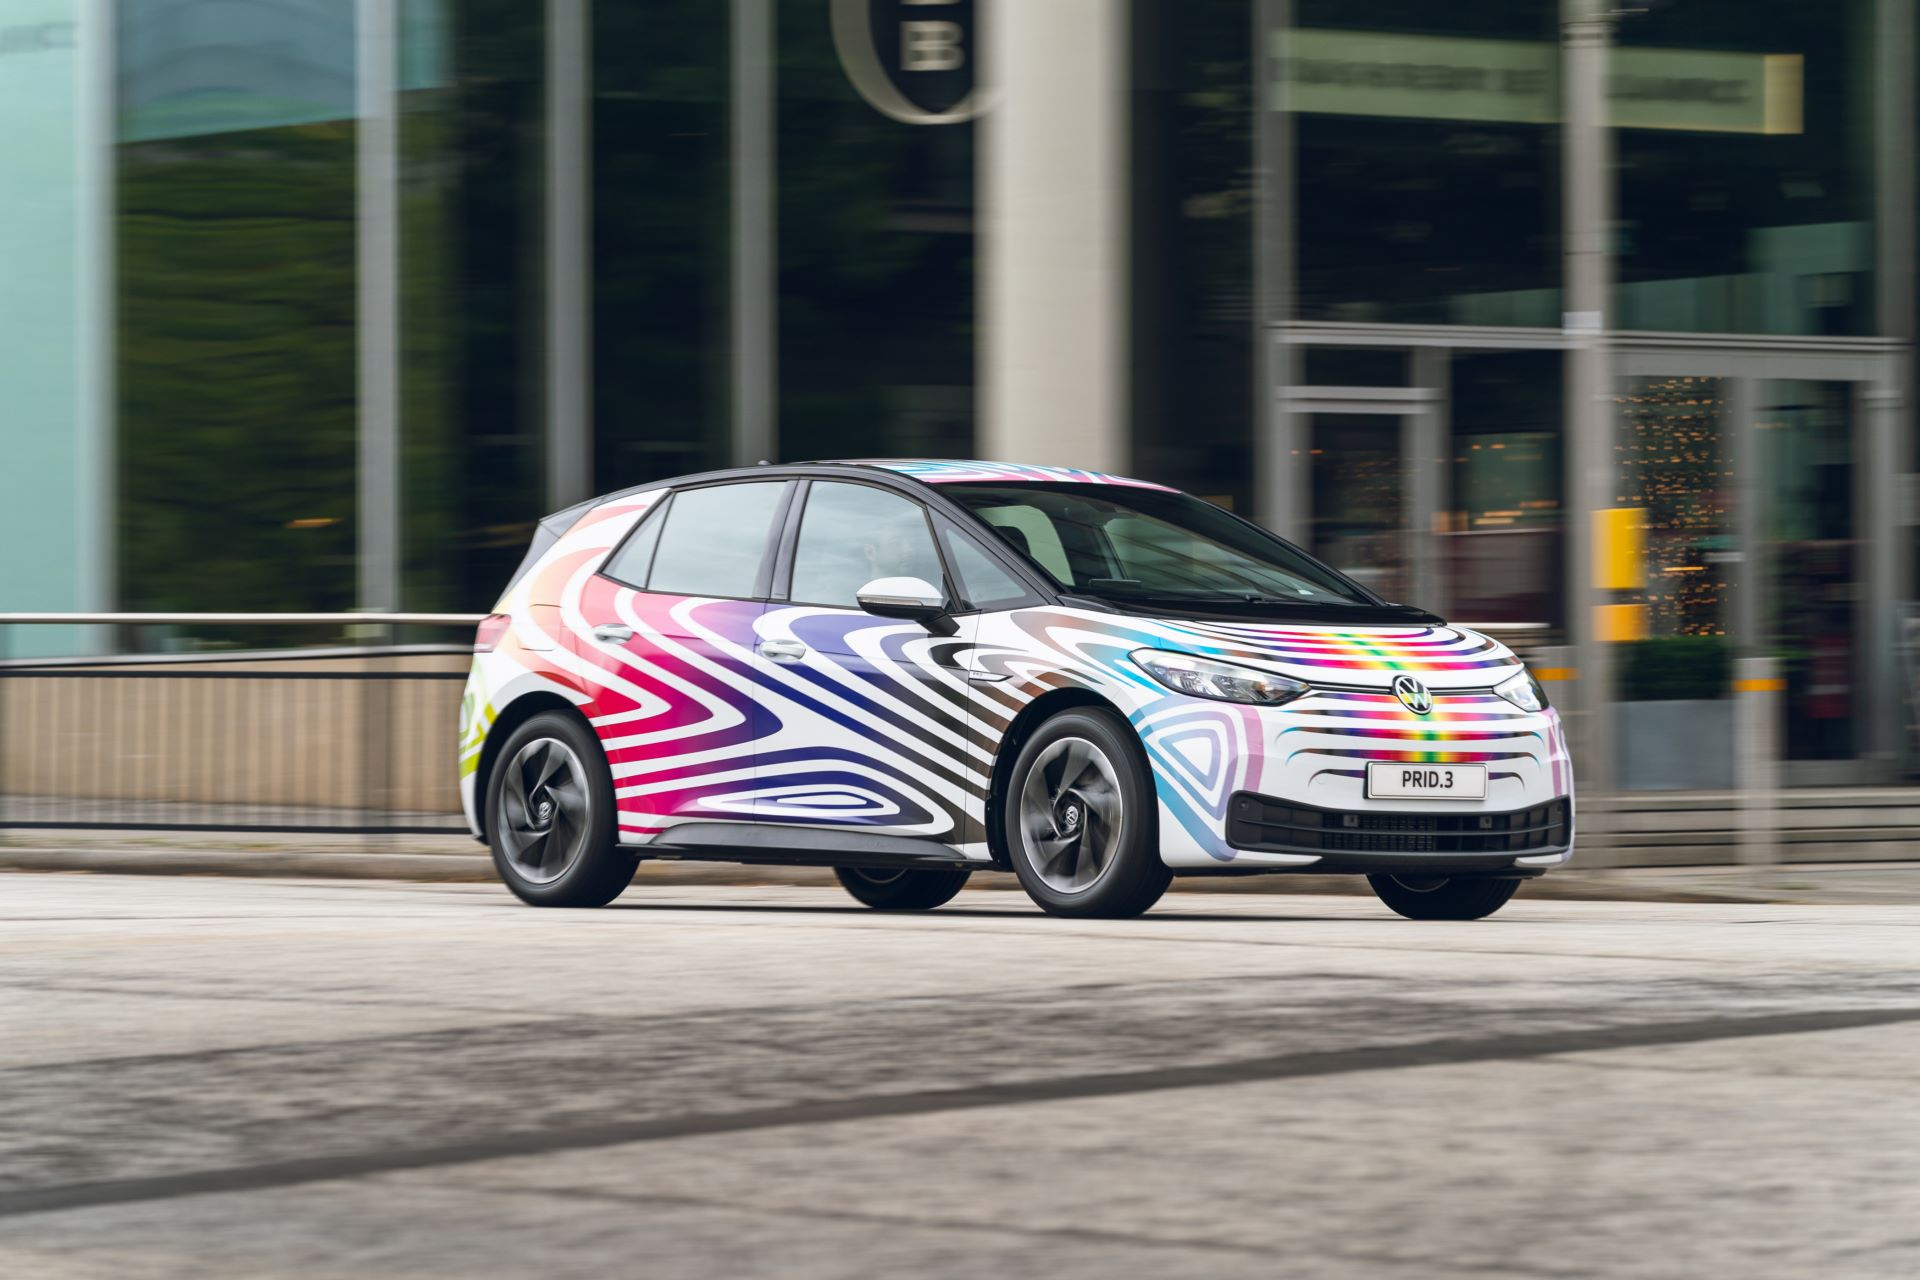 Volkswagen-PRID.3-4